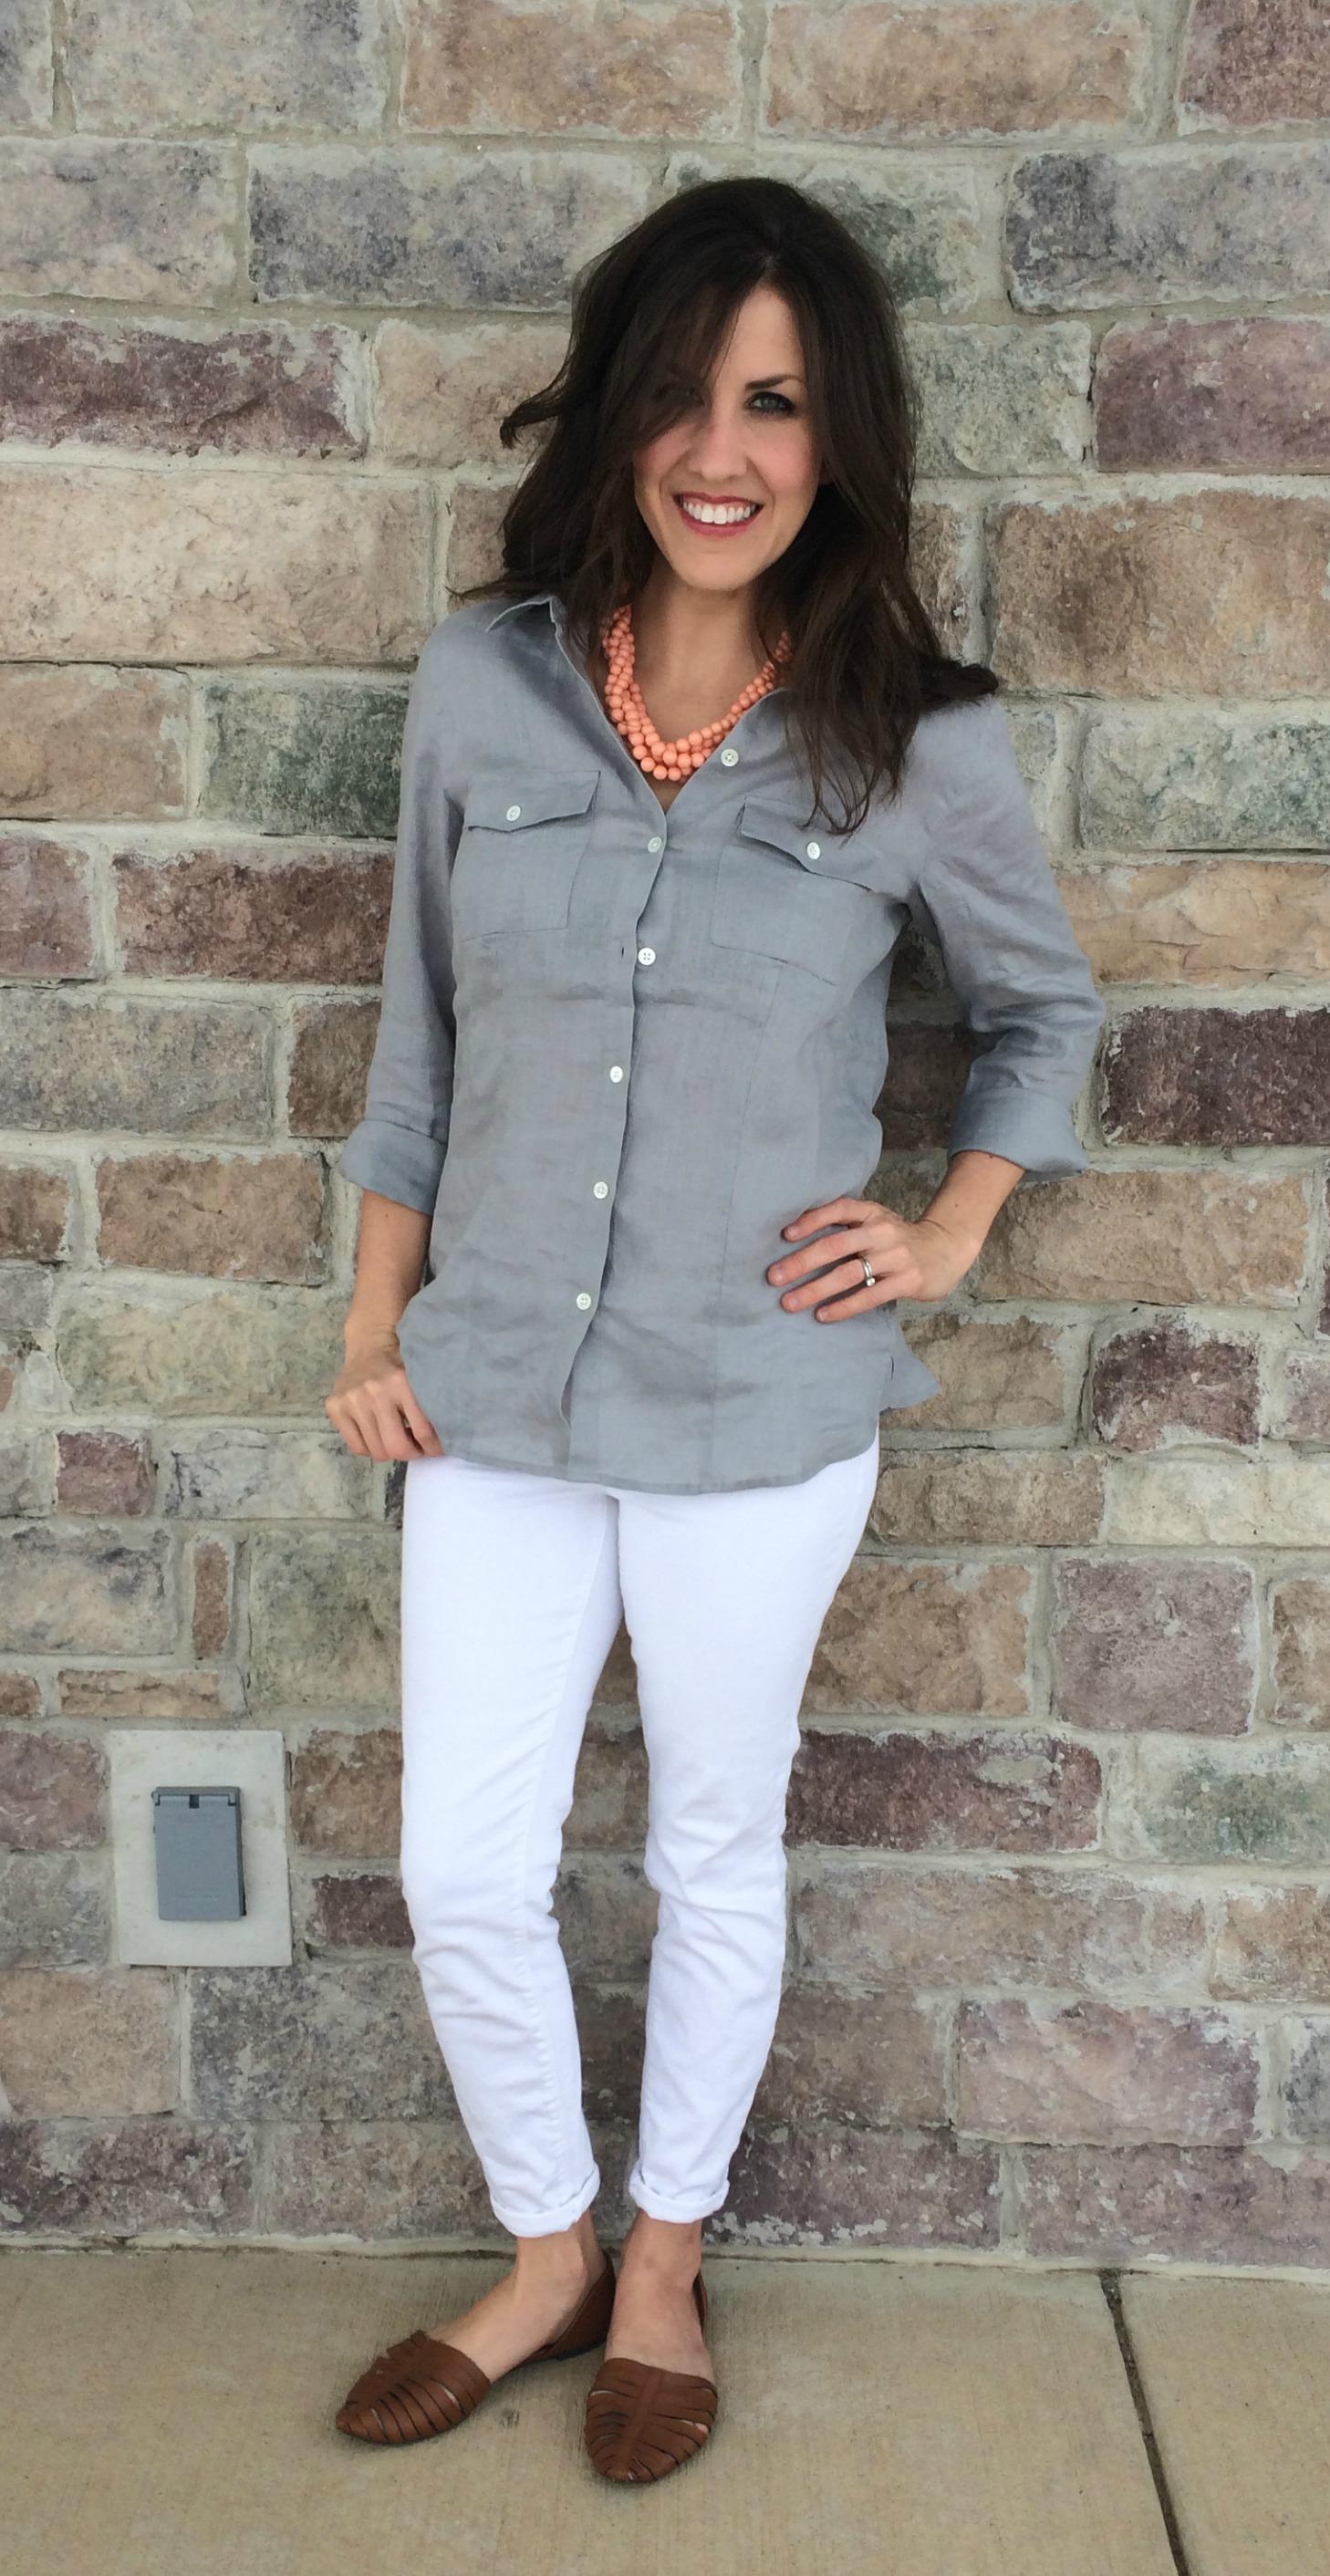 JJill Outfit2 trendy ways to wear j jill women's apparel jjillstyle momma in,J Jill Womens Clothing